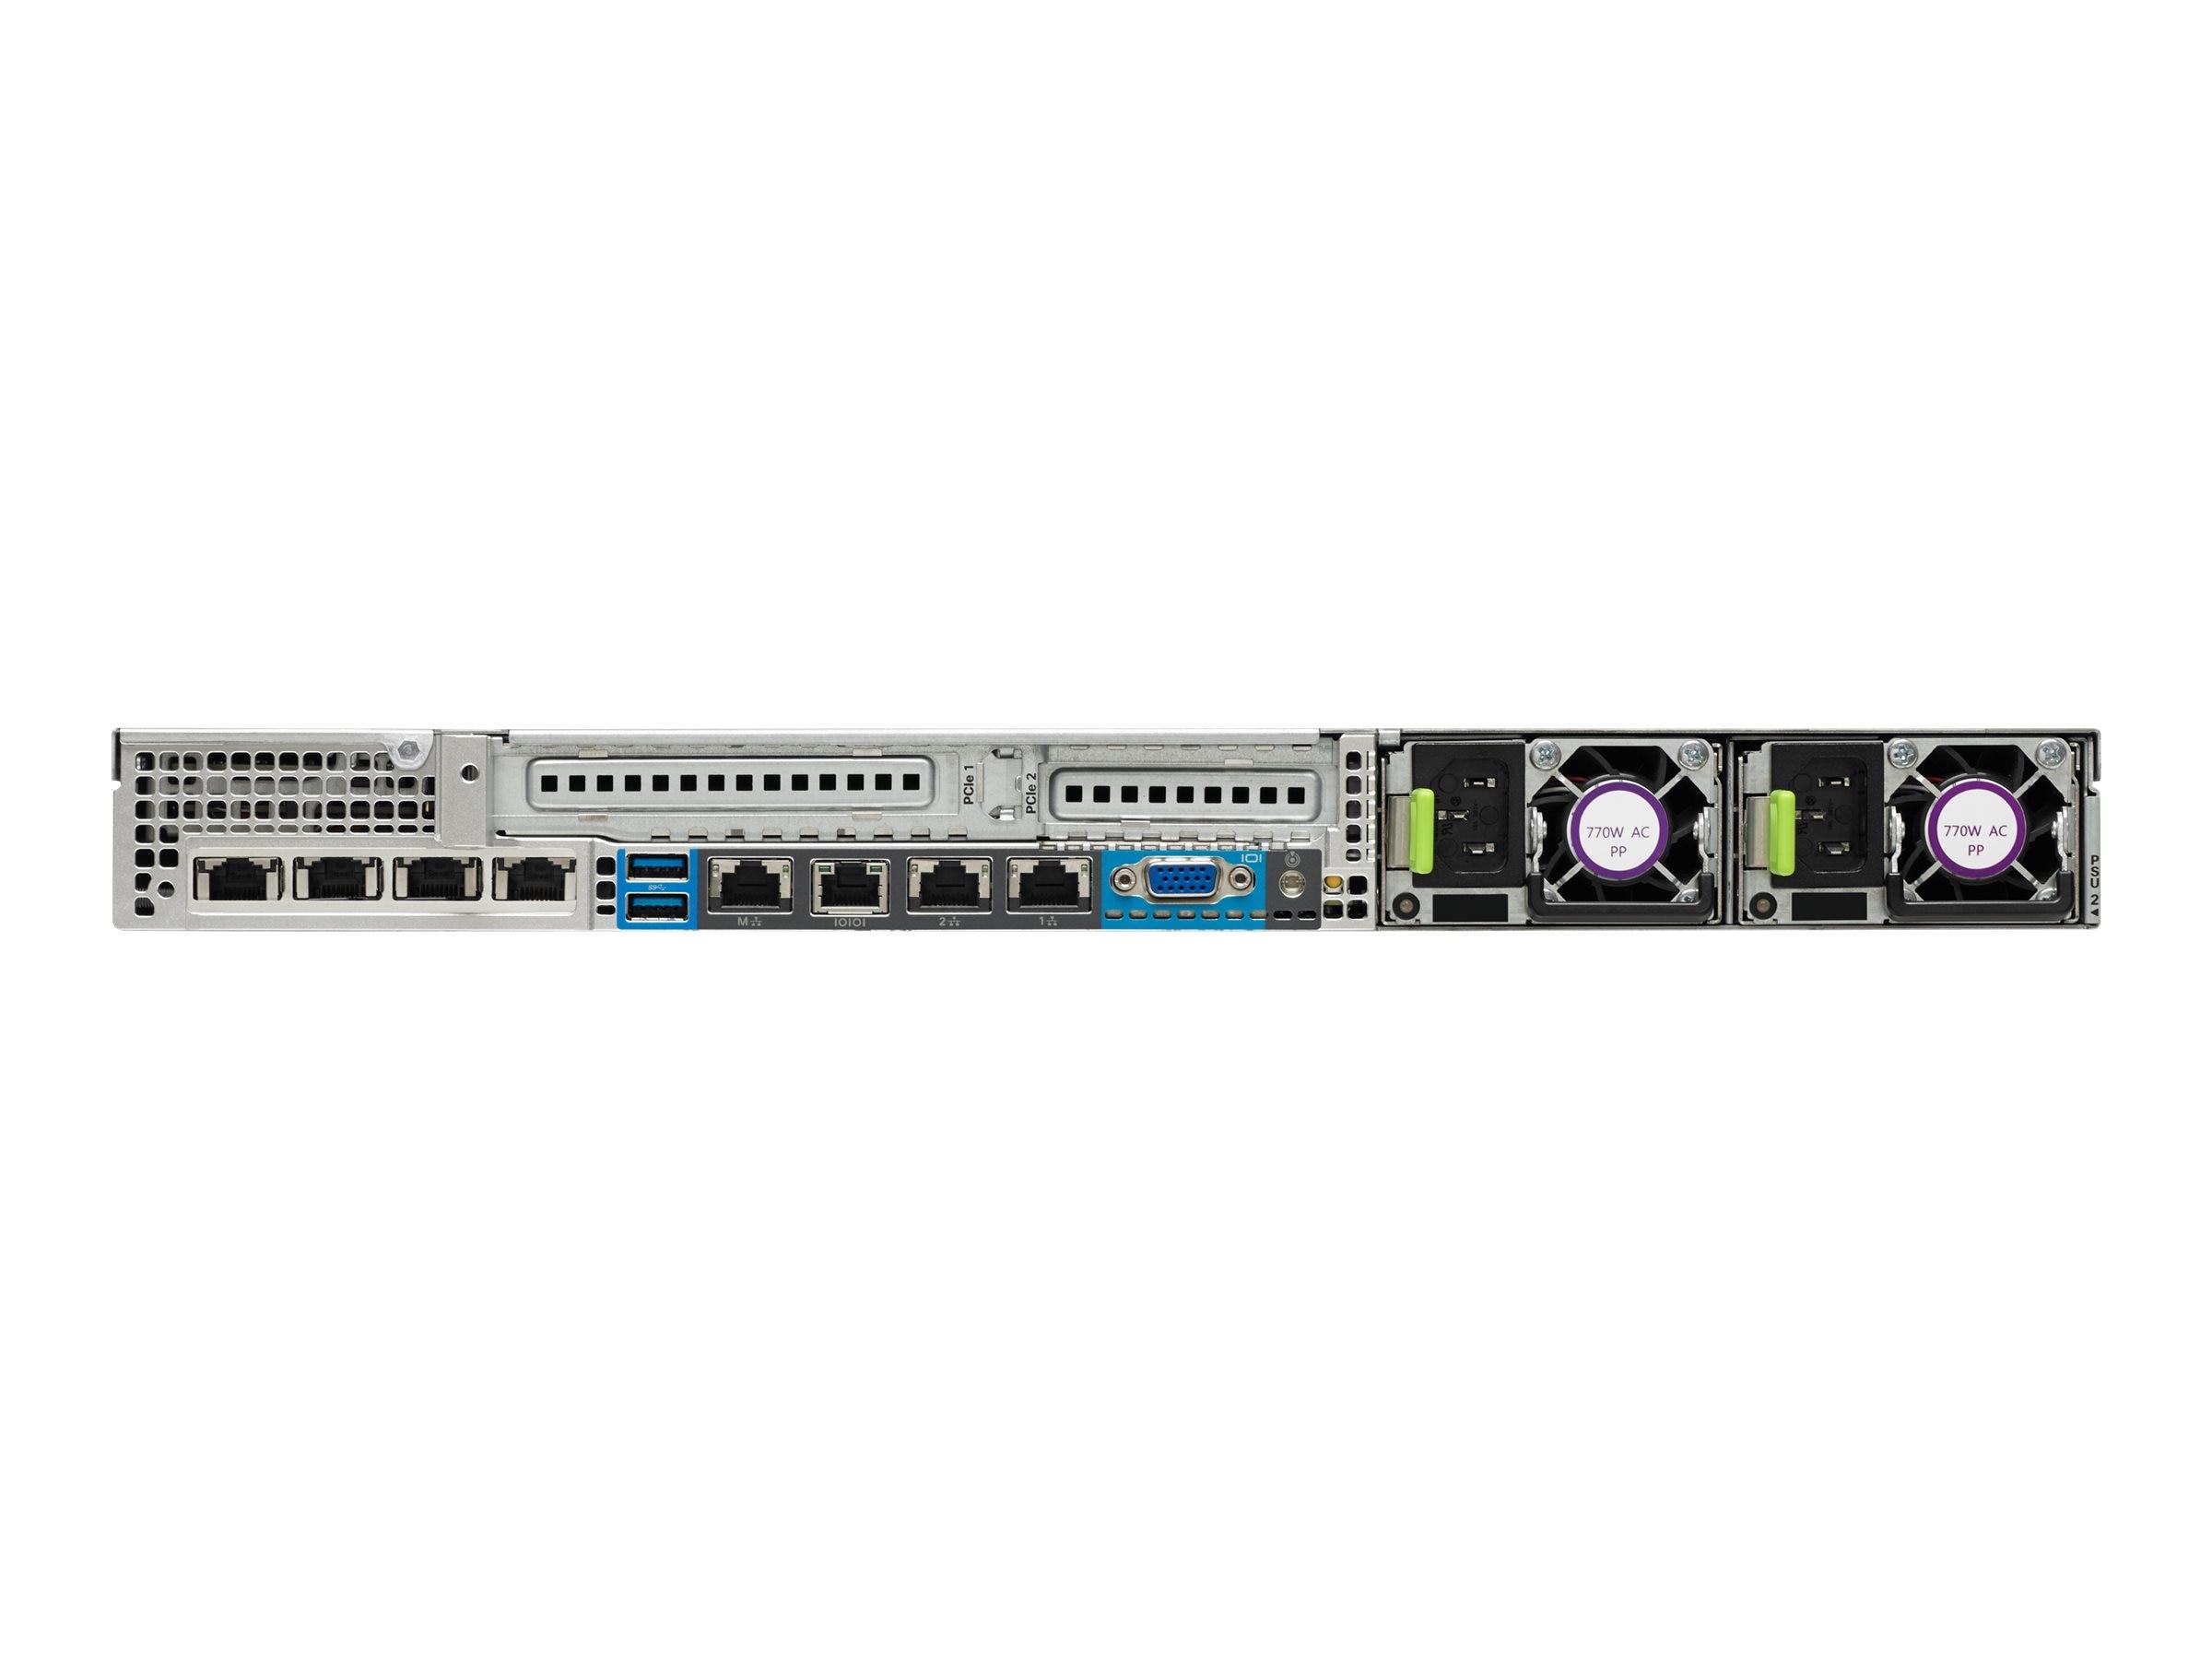 Cisco UCS-SPR-C220M4-BC2 Image 4